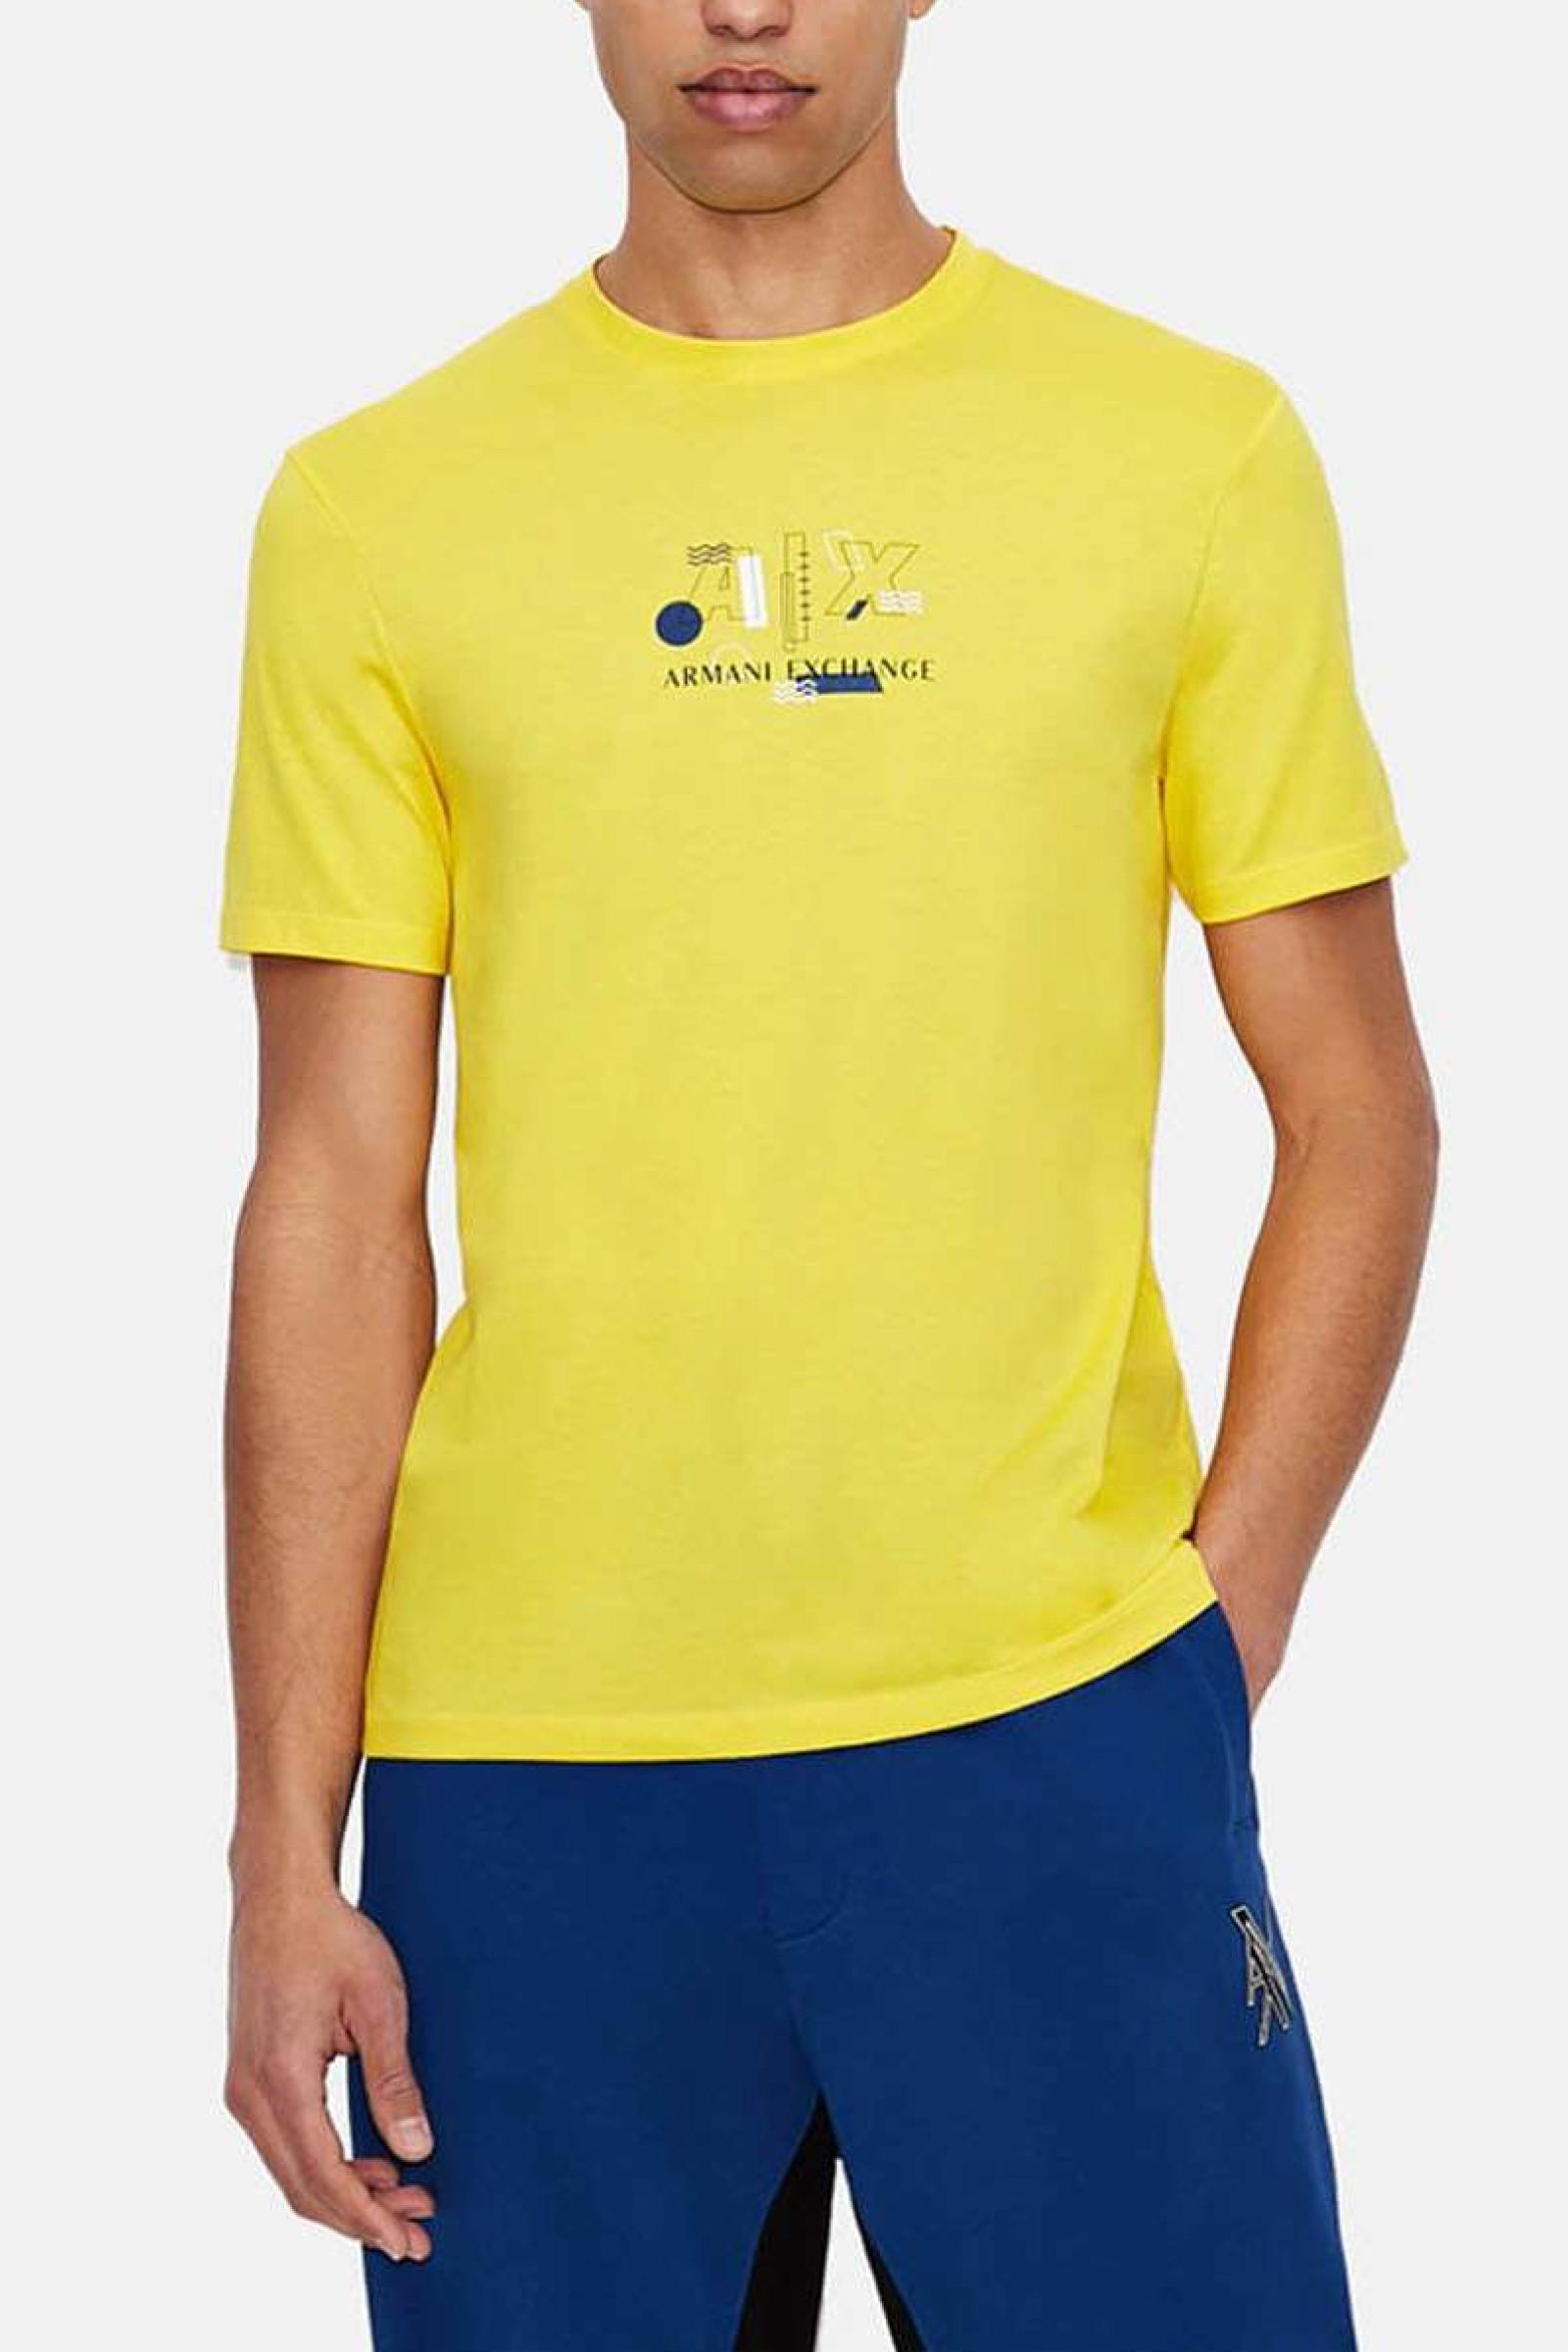 ARMANI EXCHANGE T-Shirt Uomo ARMANI EXCHANGE | T-Shirt | 3KZTBC ZJA5Z1620